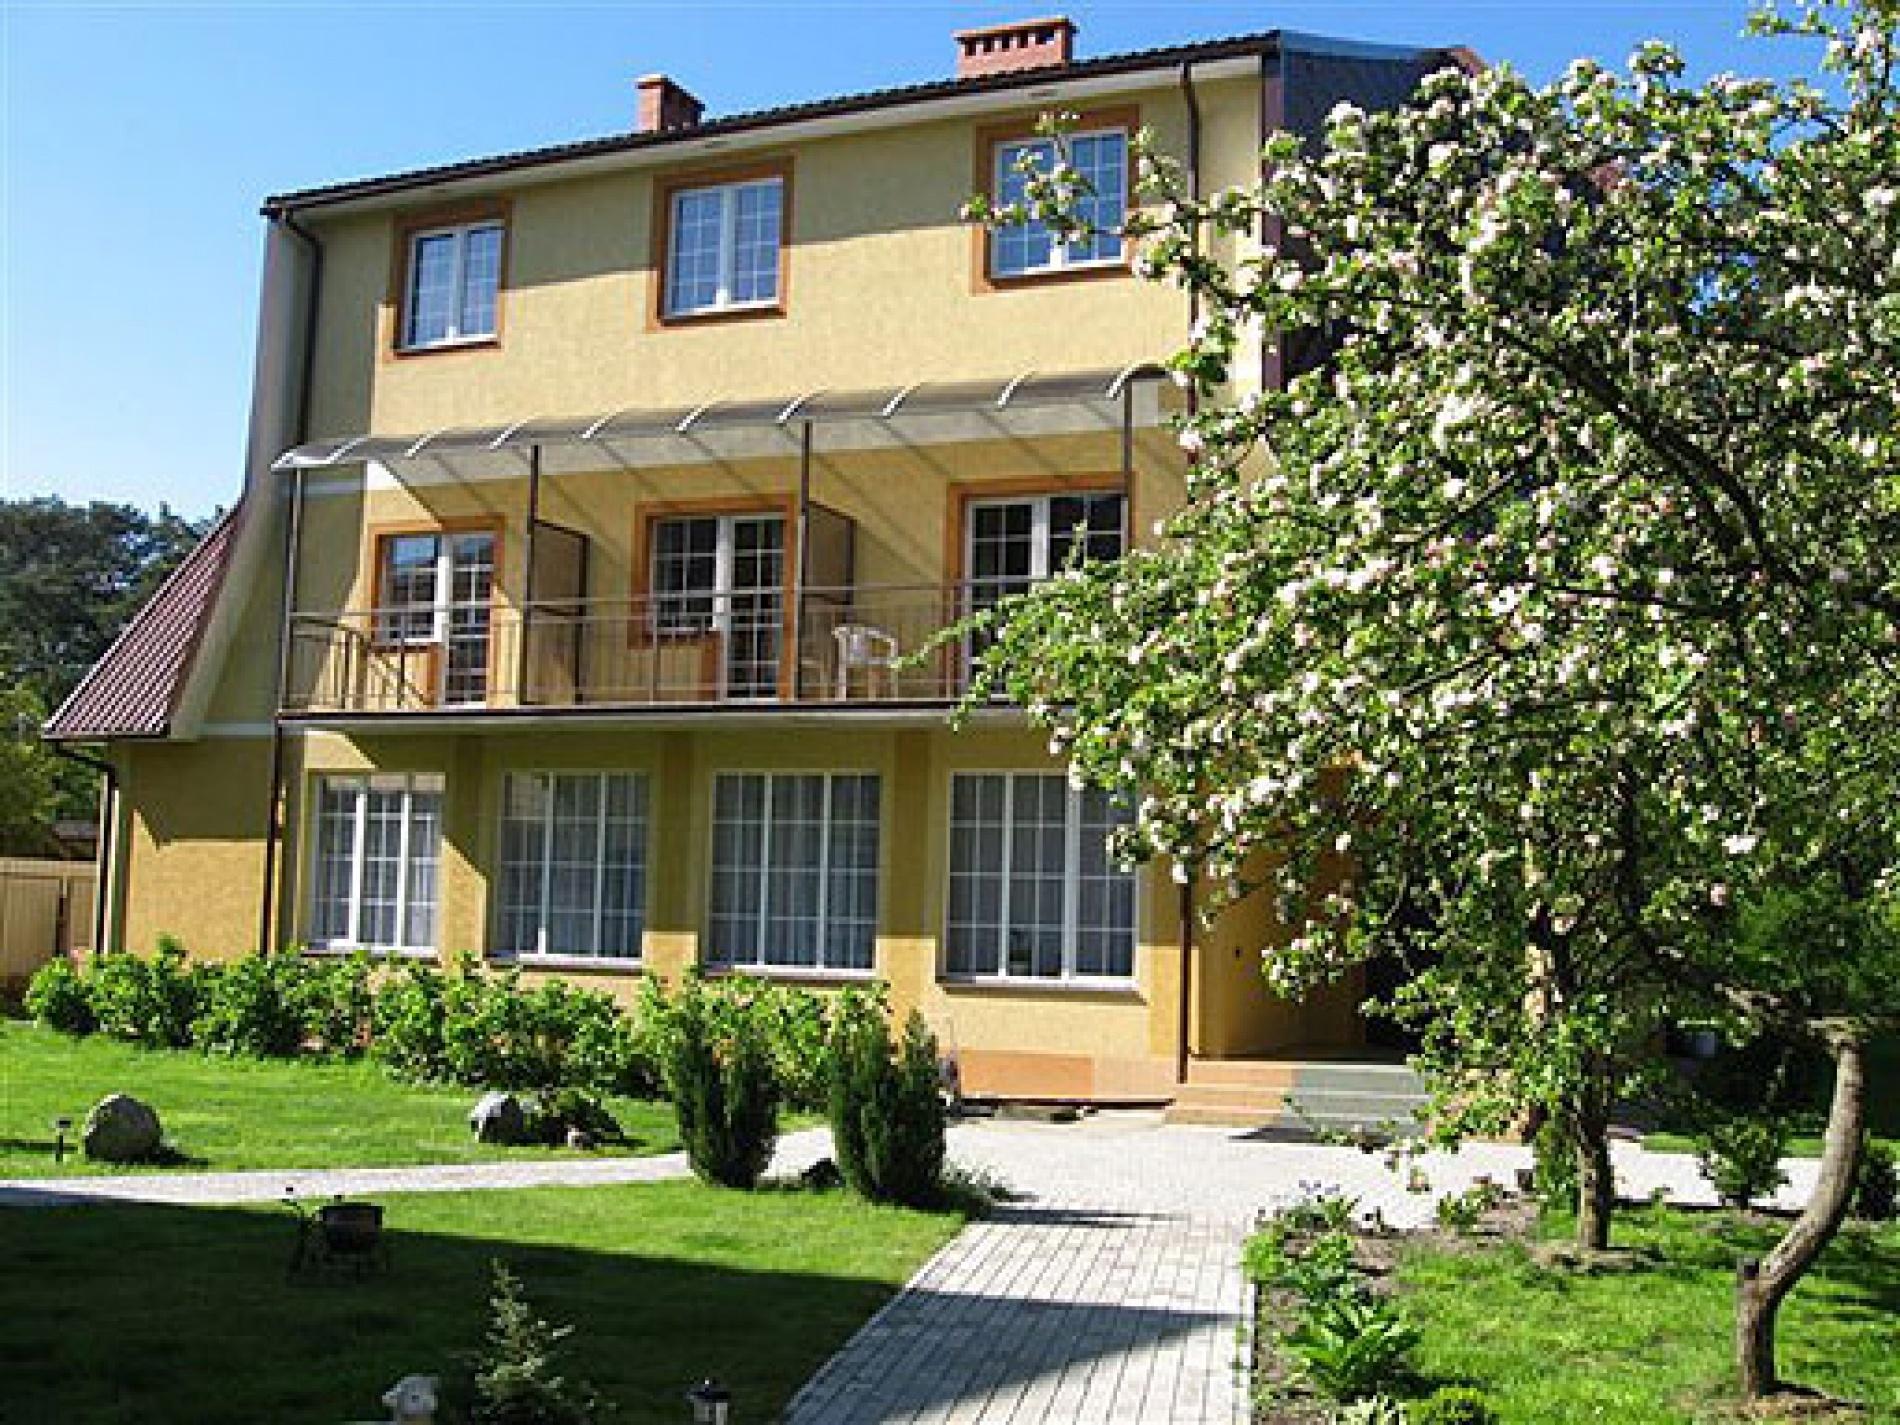 Гостевой дом «Понарт» Калининградская область, фото 3